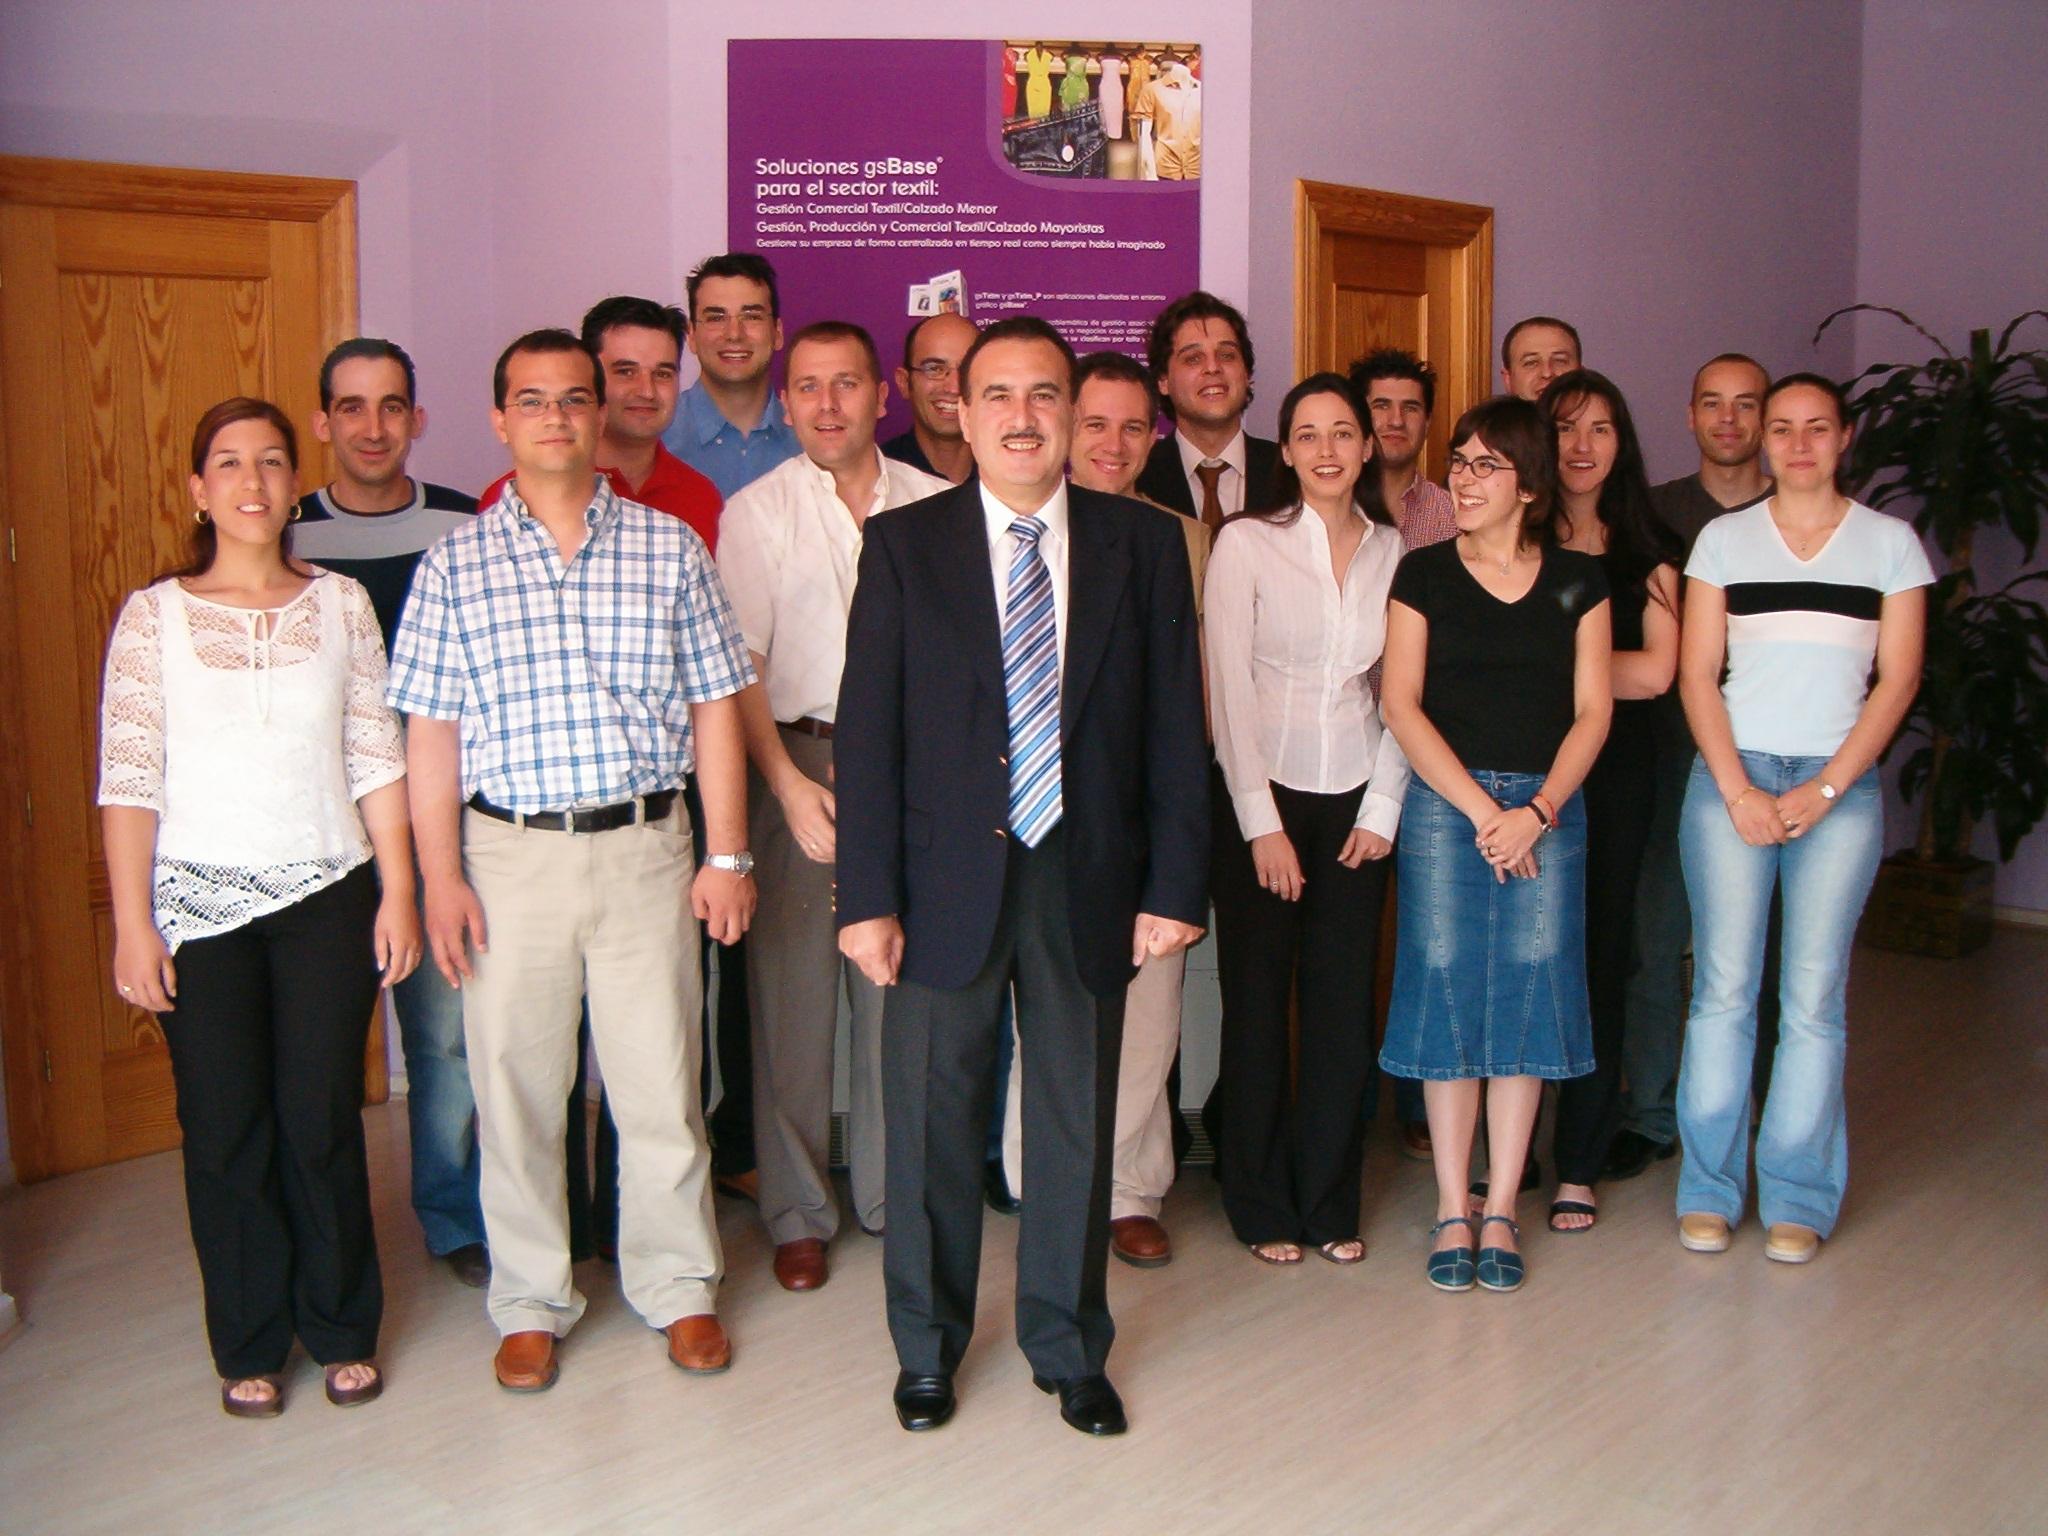 Imagen Antigua Equipo Galdón Software